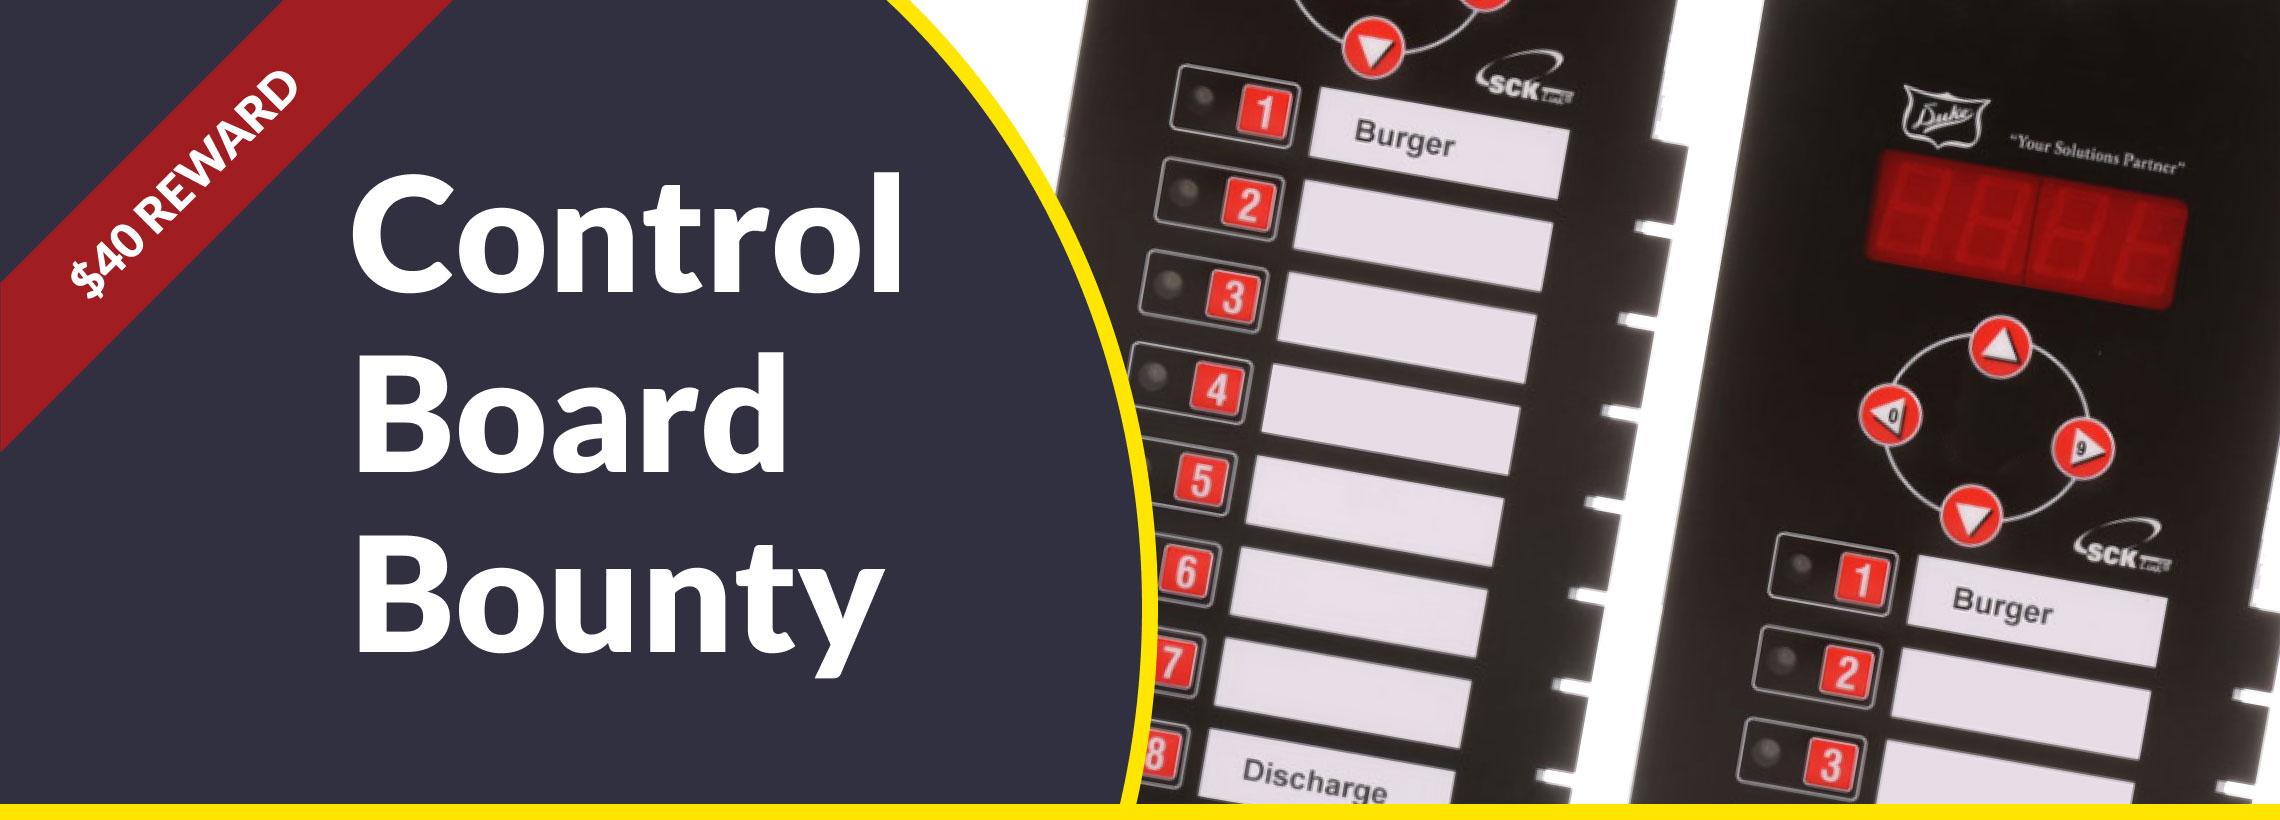 Control Board Bounty